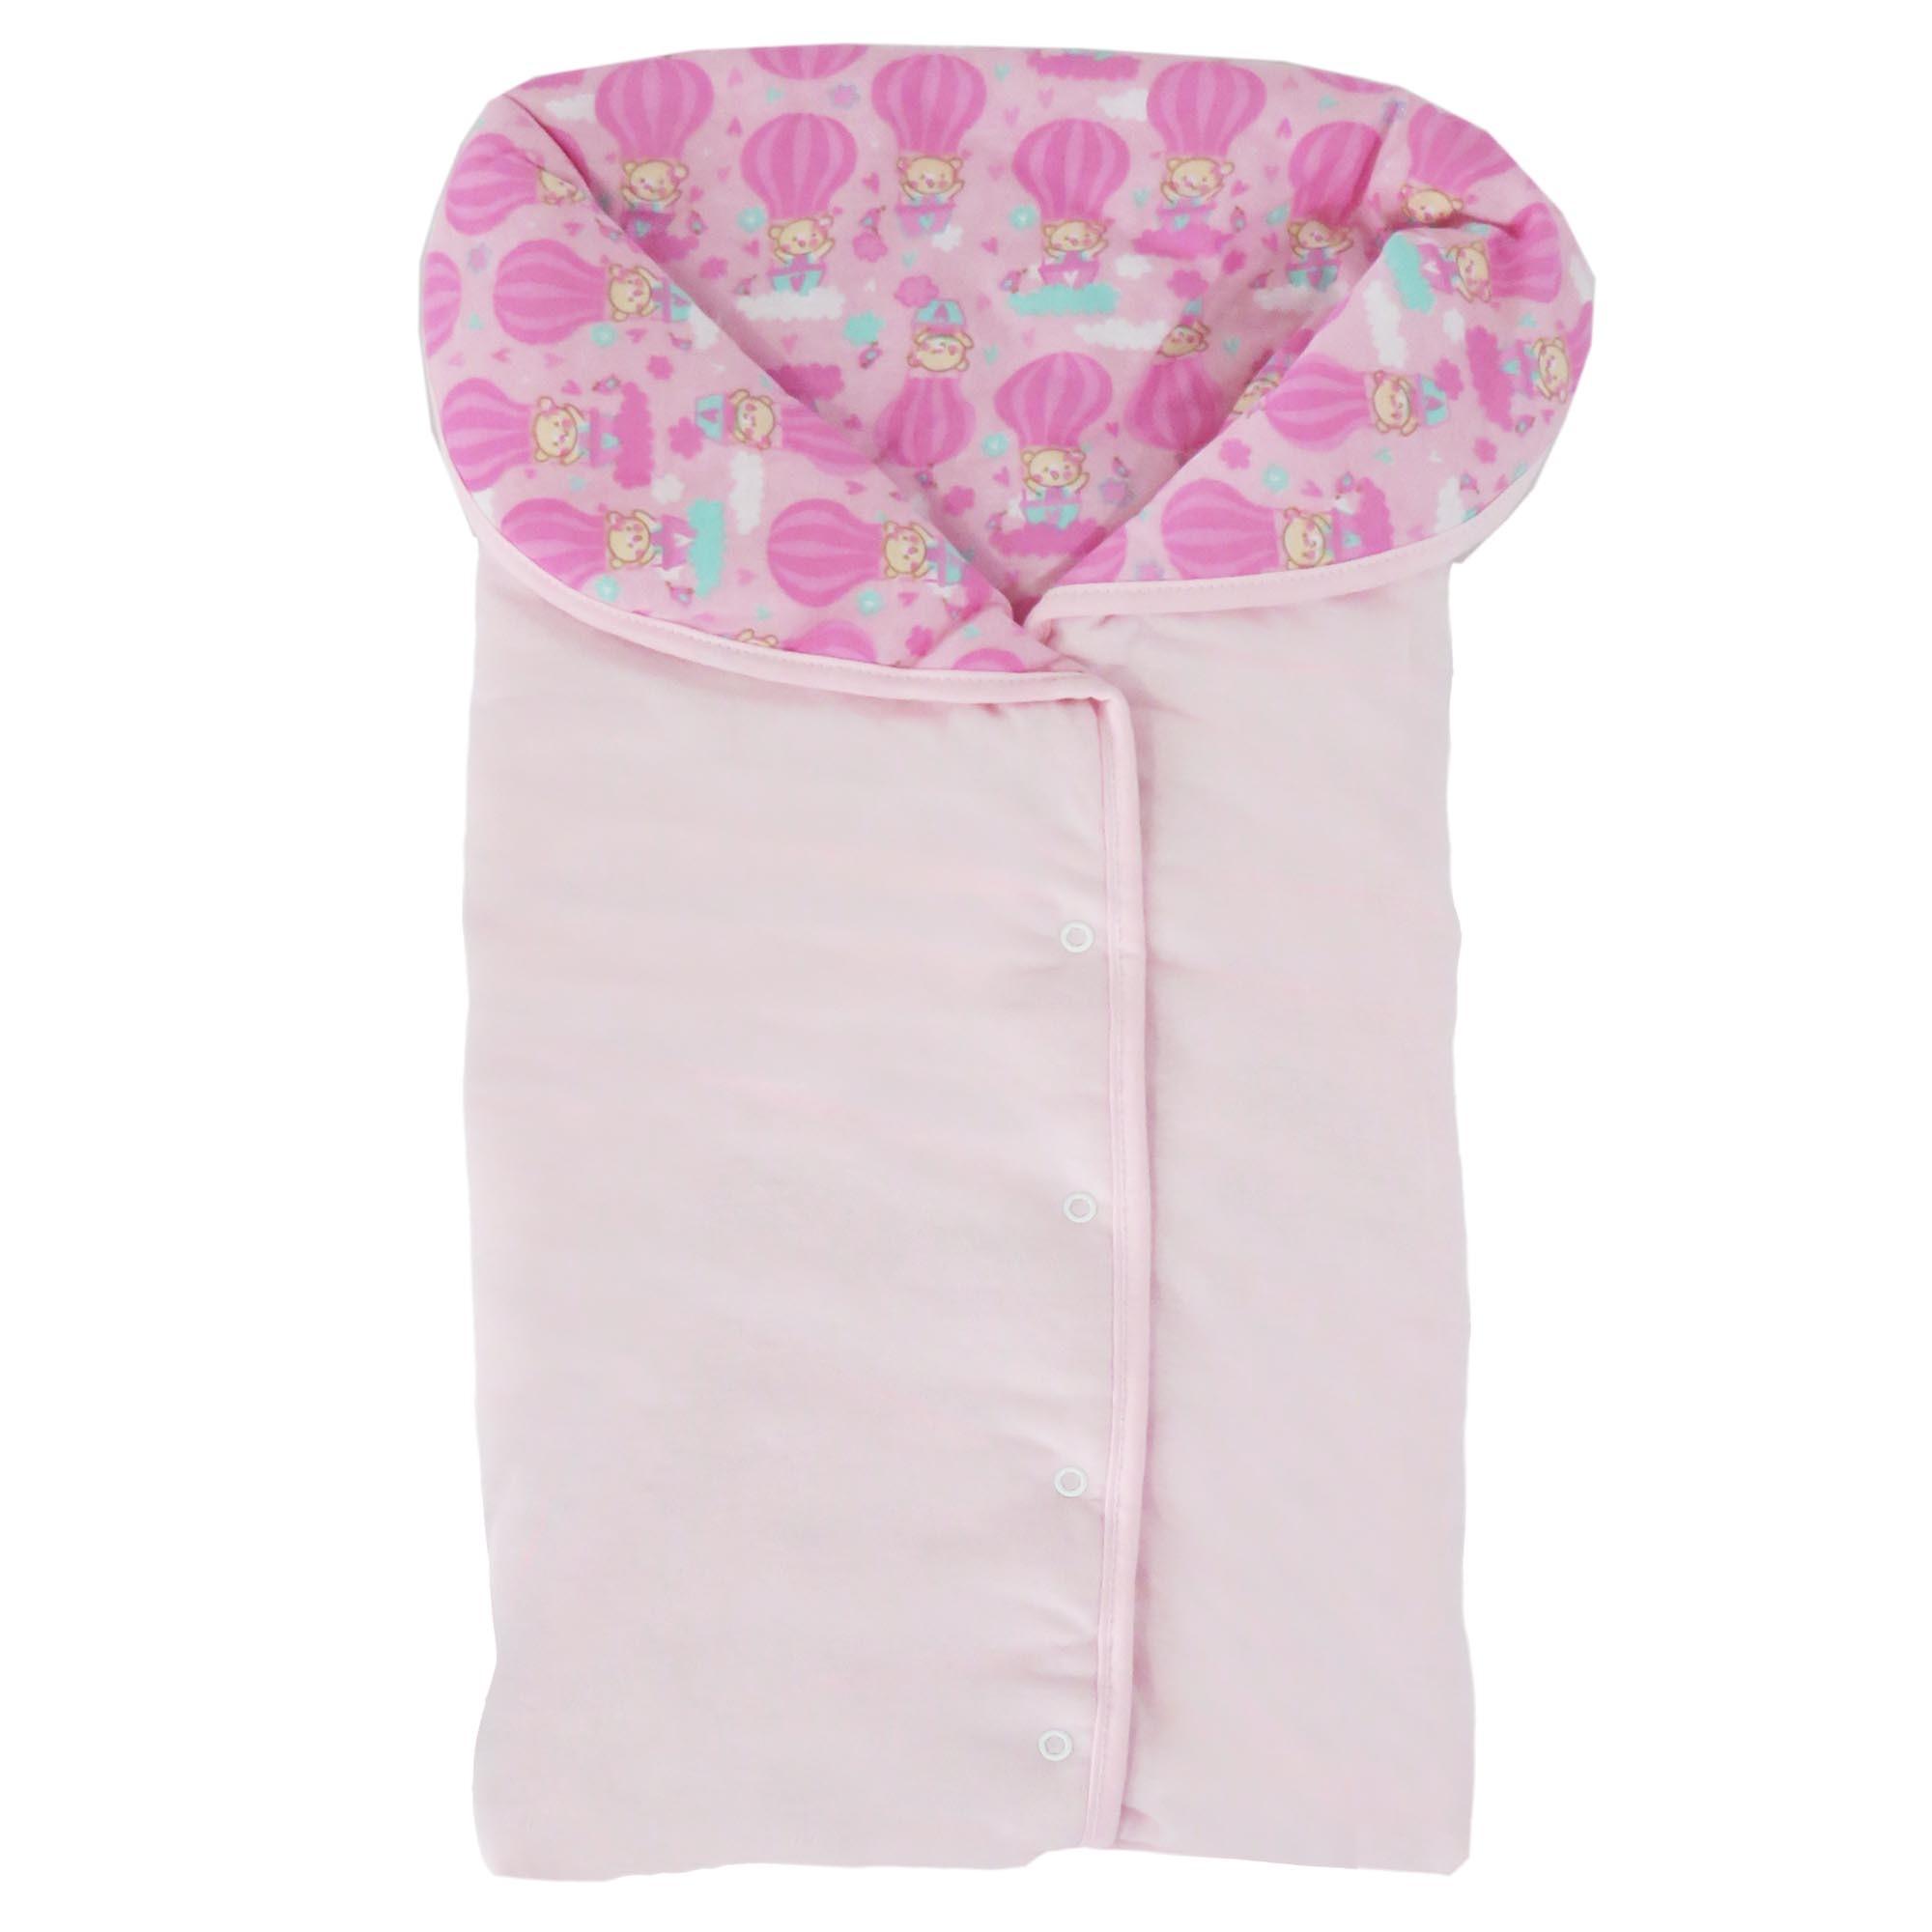 Porta Bebê Incomfral Bambi  Estampado Balões Rosa - Rosa